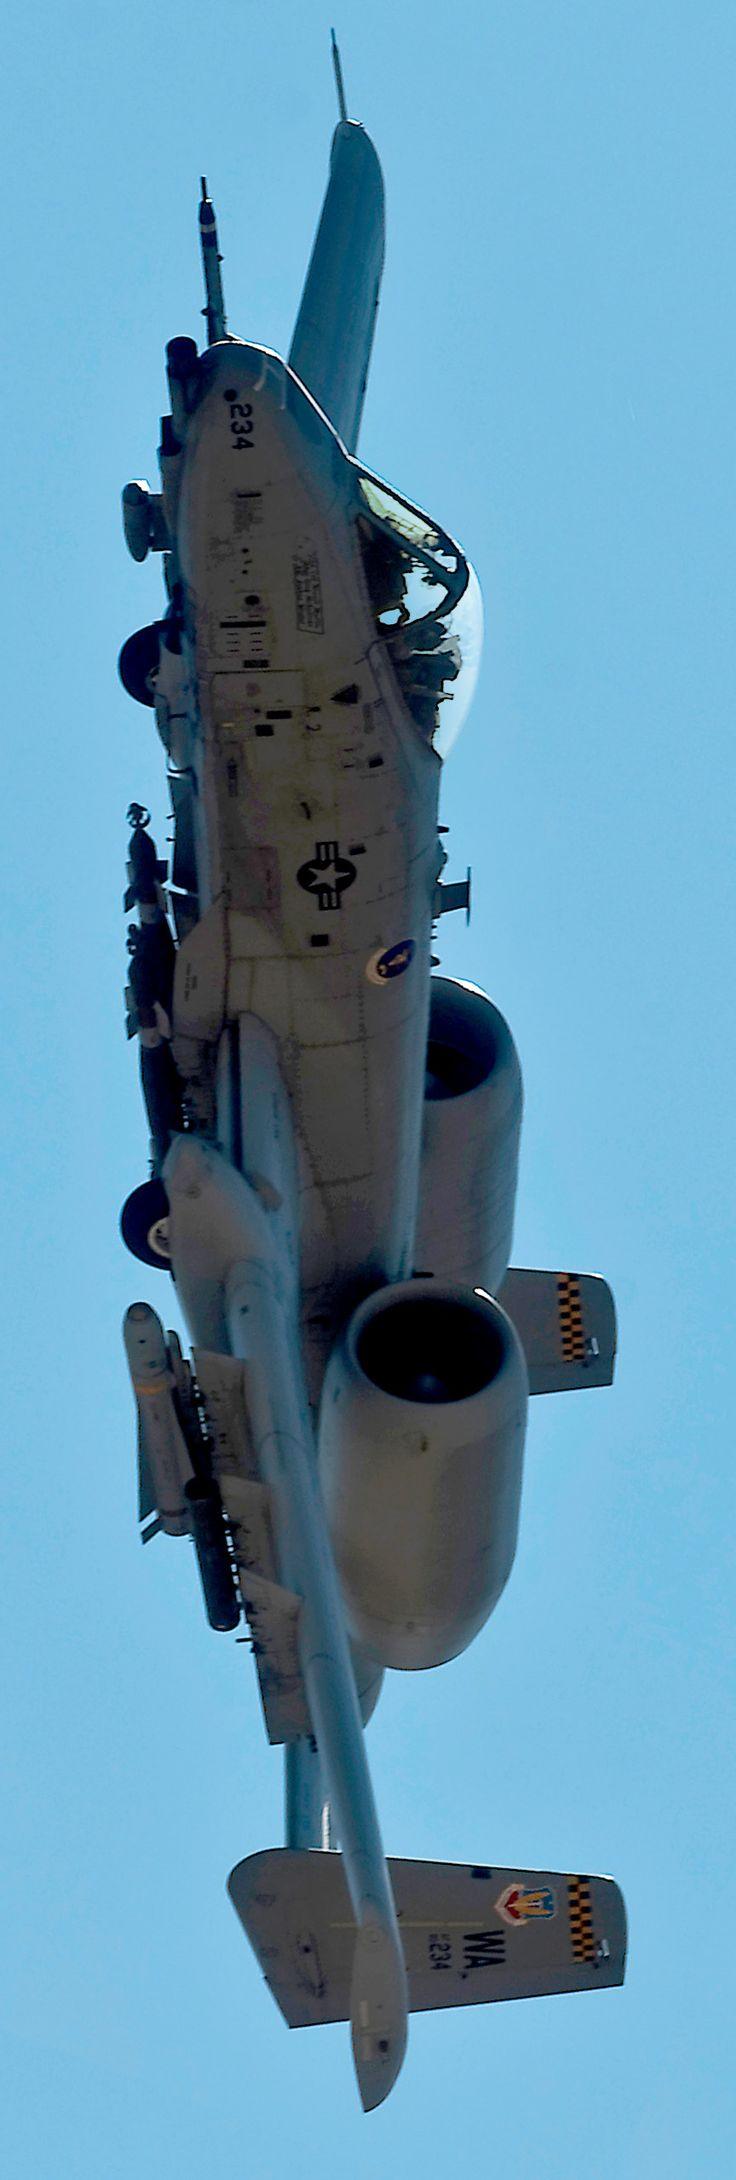 A-10 Rayo. La mejor tierra(razón) de aire cercano apoya el arma en nuestro arsenal. Fue privilegiado para mirar esta mosca de máquinas imponente durante tempranos días de pruebas. Y vaya a la educación(al entrenamiento) en Fairchild que entrena el centro la Long Island Nueva York trabajar sobre ellos.